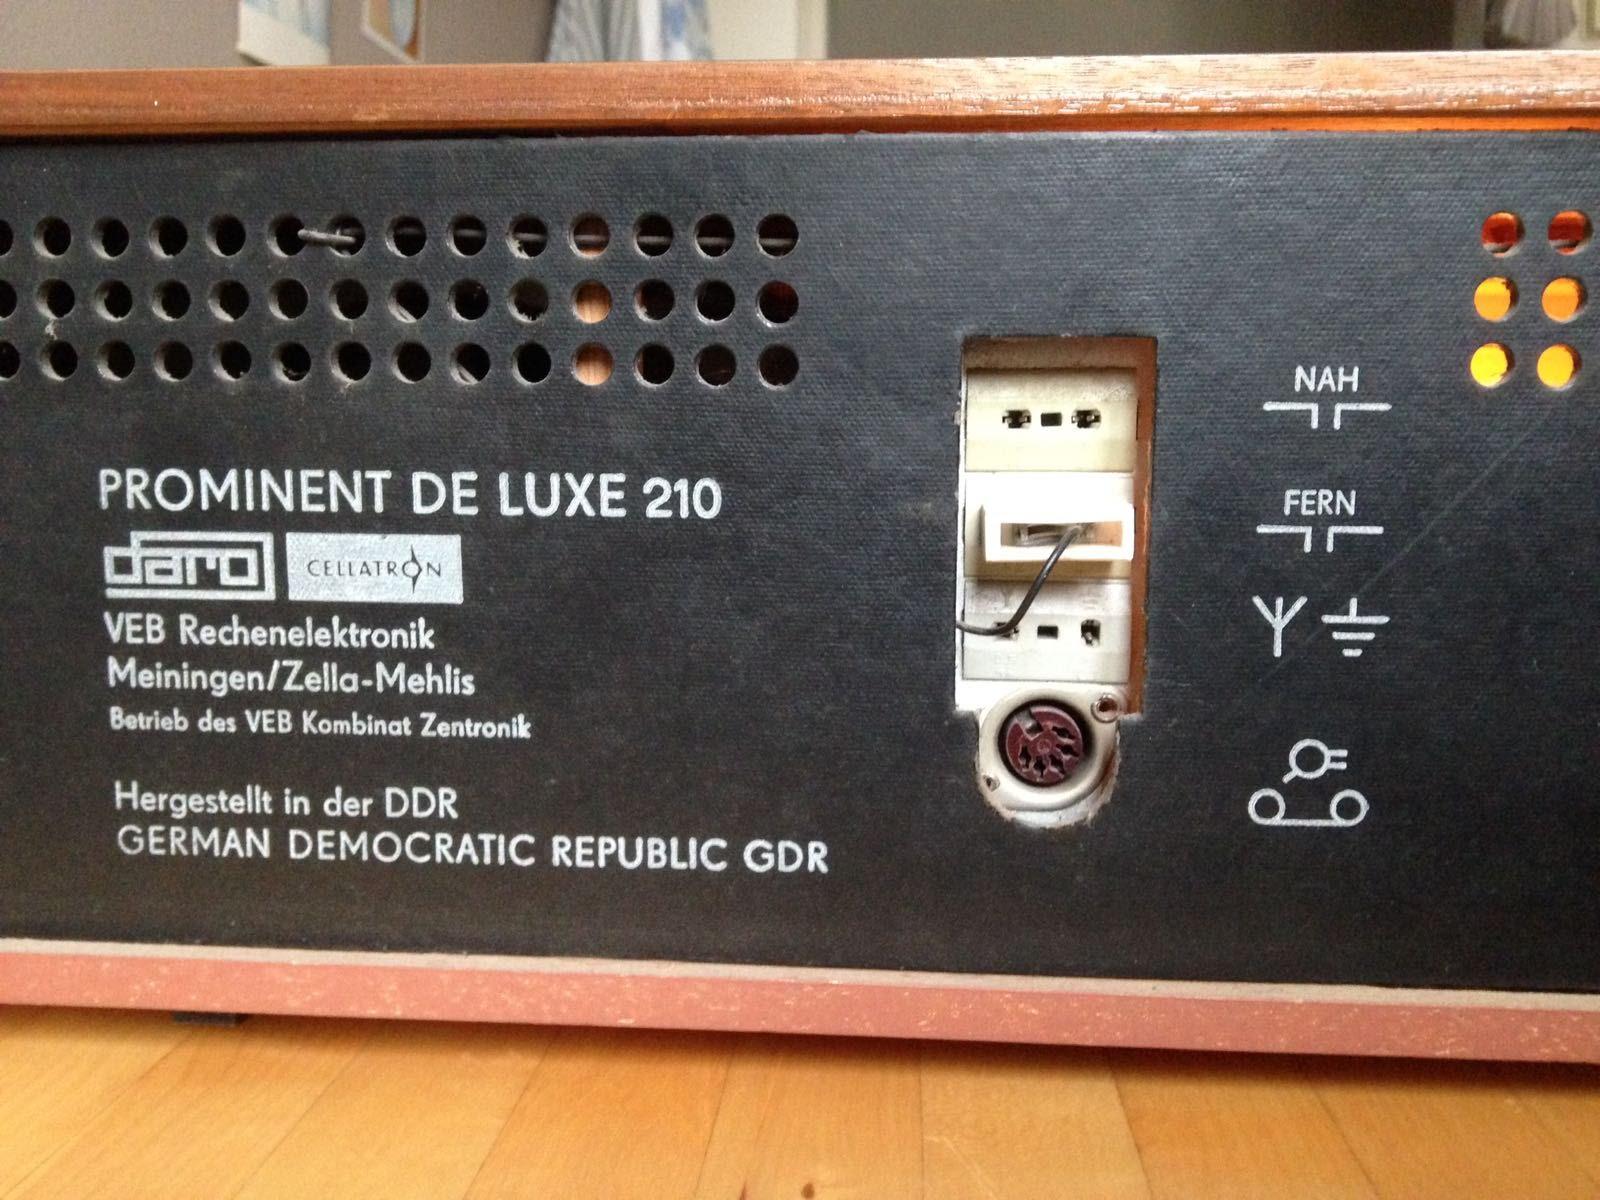 So Macht Ihr Eure Alten Radios Fit Für Streaming Und Sprachassistenten Euronics Trendblog